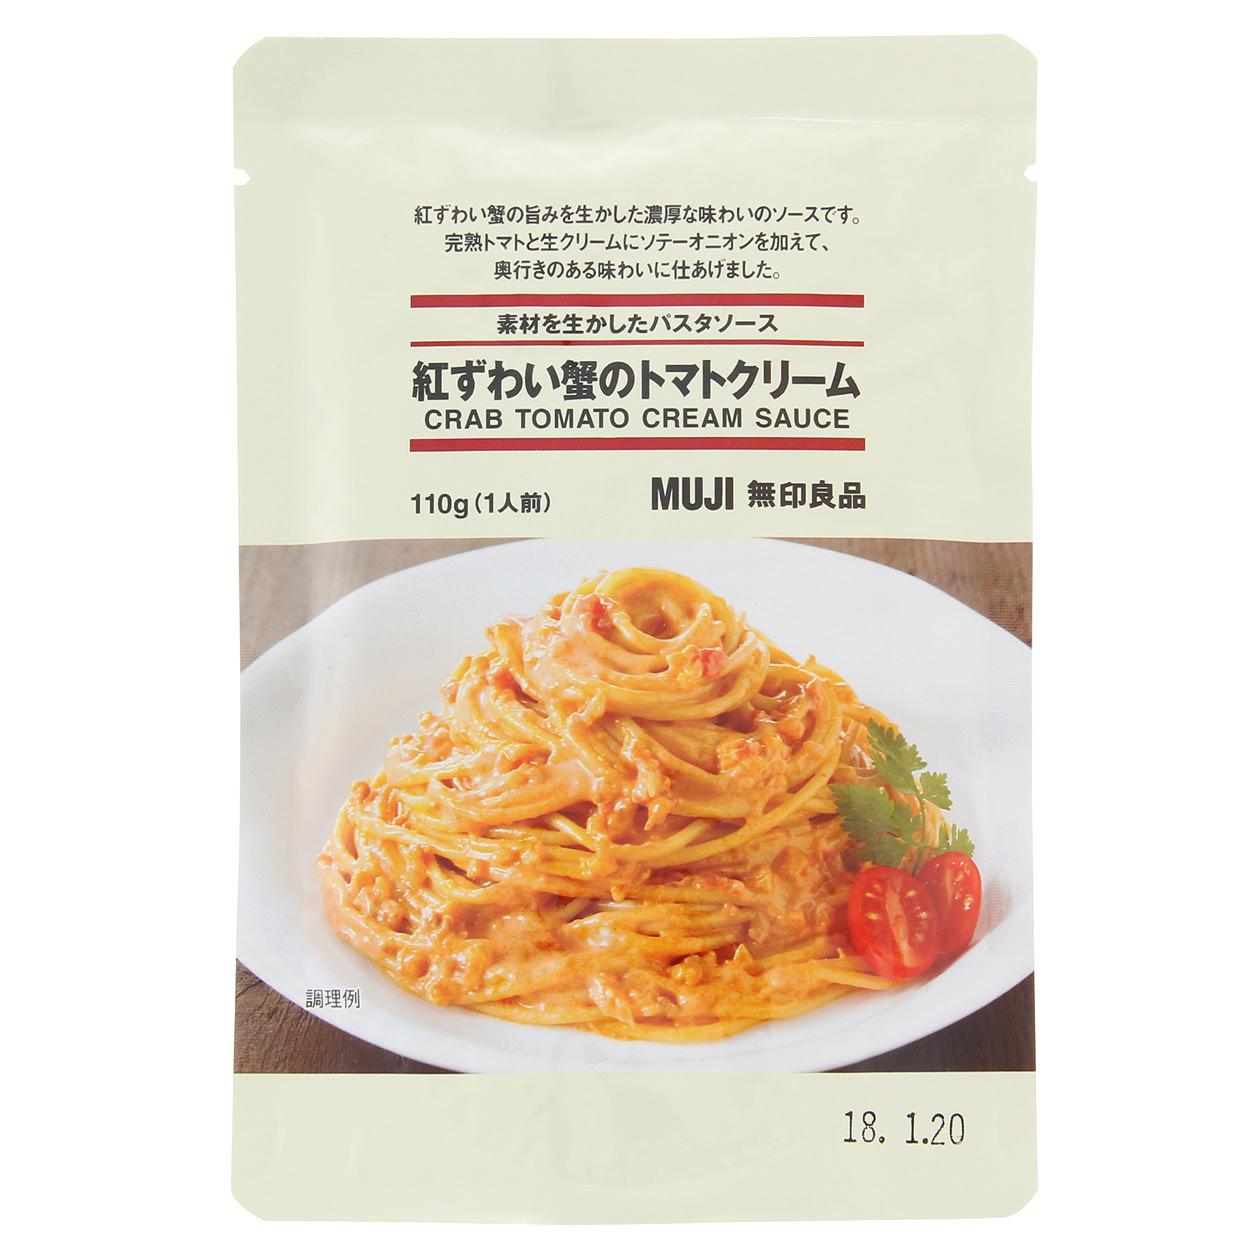 素材を生かしたパスタソース 紅ずわい蟹のトマトクリーム 110g(1人前)